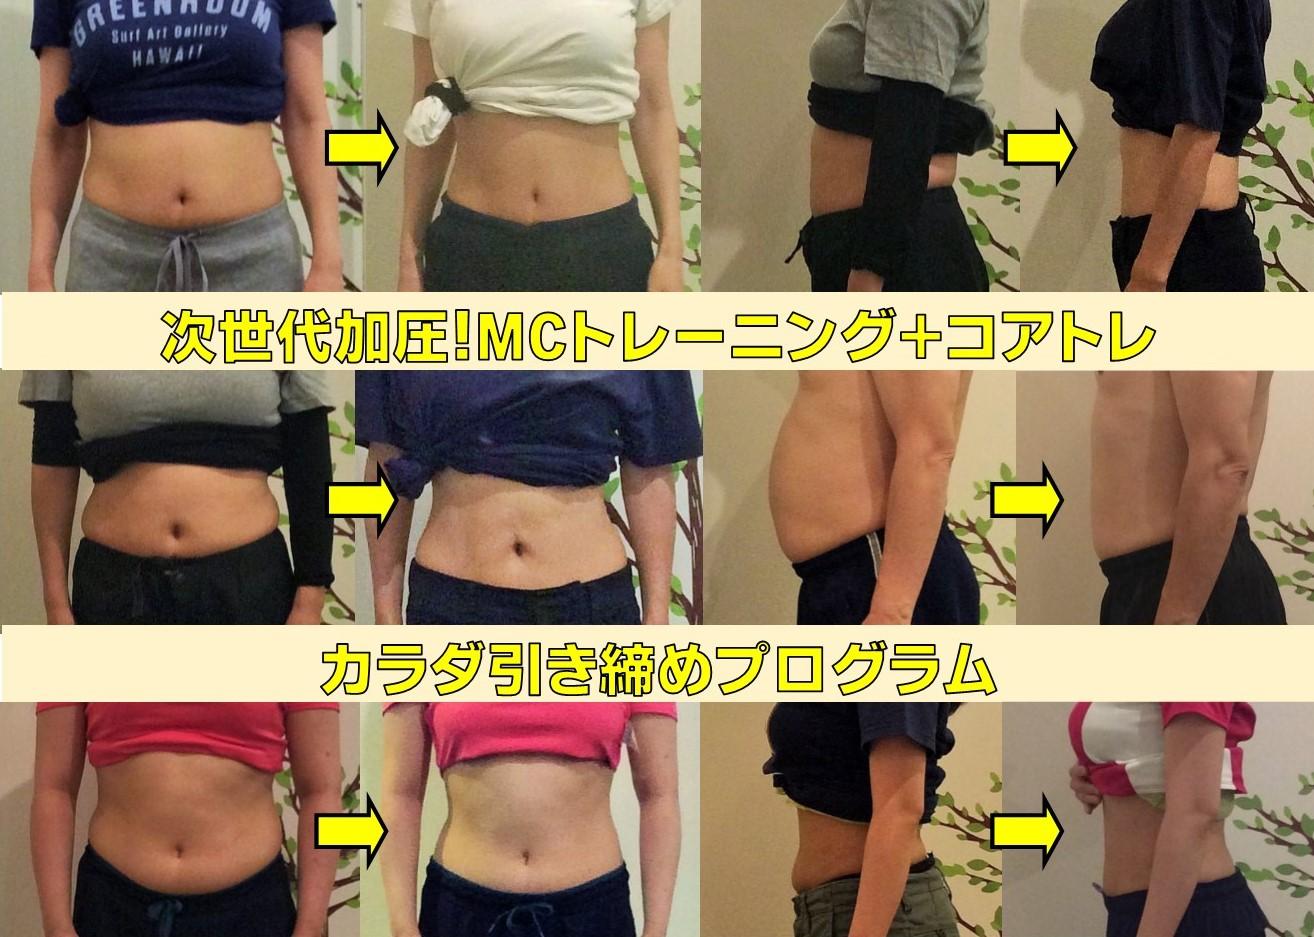 次世代加圧マルチカフトレーニングと体幹トレーニングを組み合わせたダイエットプログラム